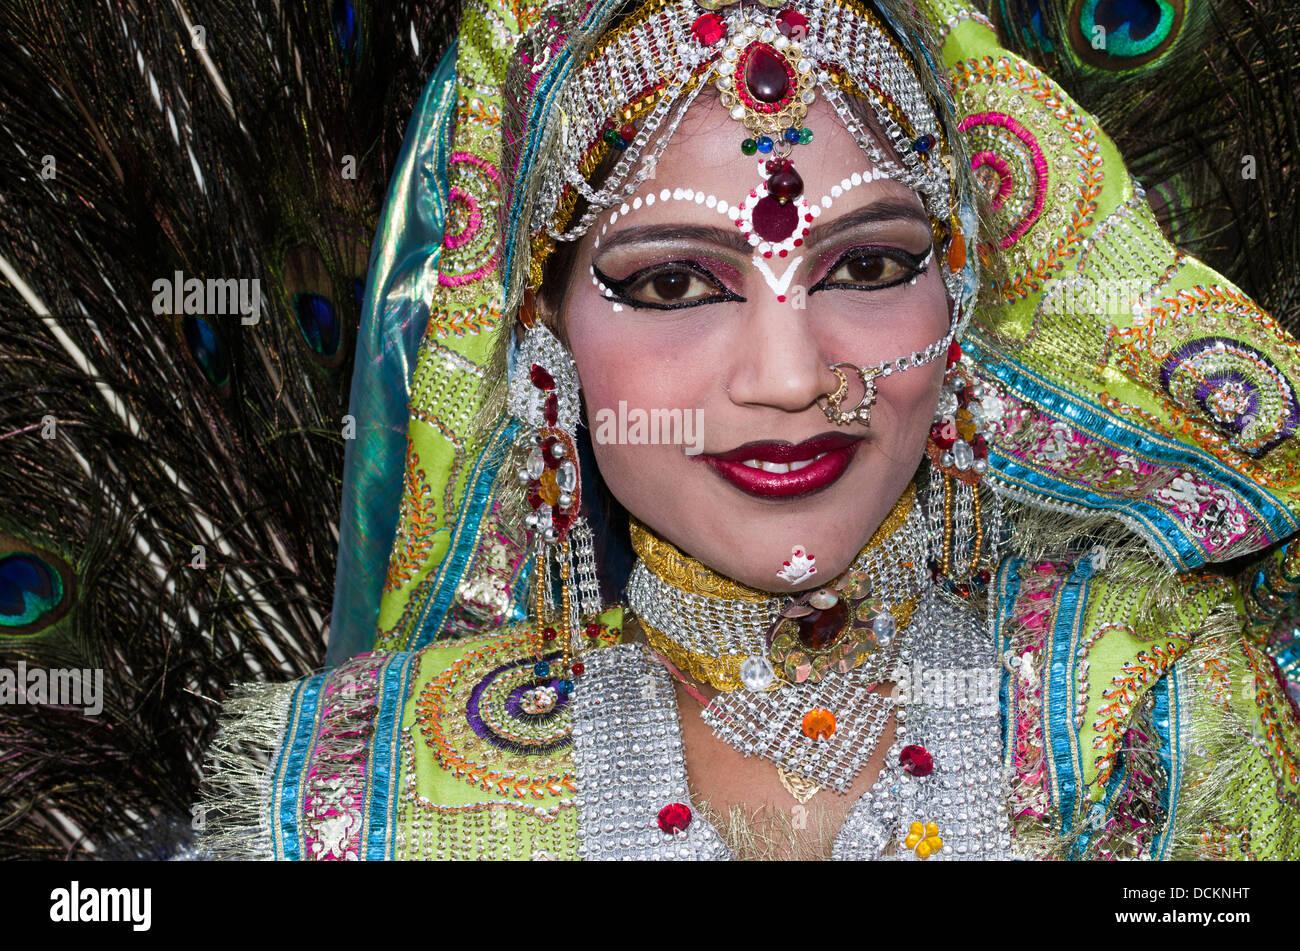 Rajasthani Folk Dancer / Musician - Jaipur, Rajasthan, India - Stock Image